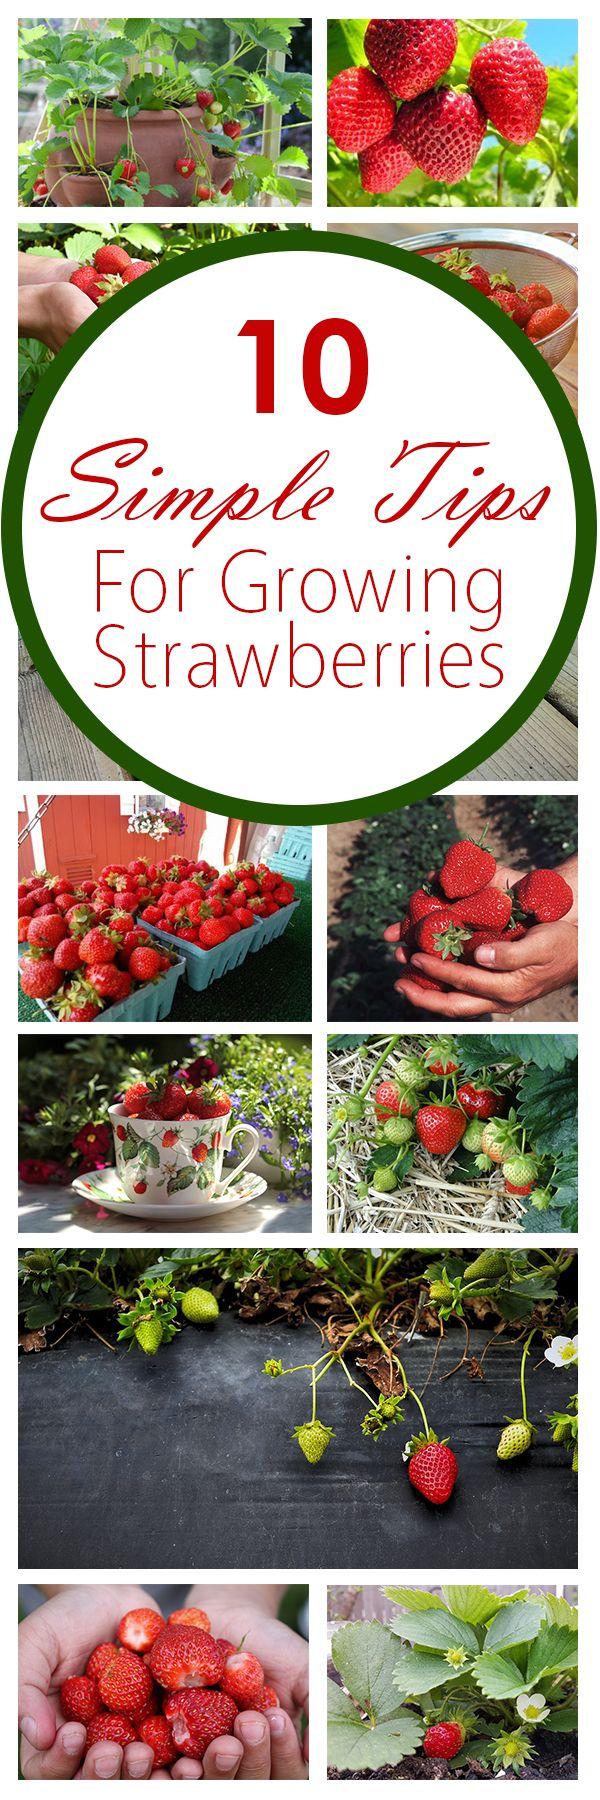 Growing strawberries, fruit gardening, strawberries, popular pin, gardening, strawberry gardening, landscaping, outdoor living.